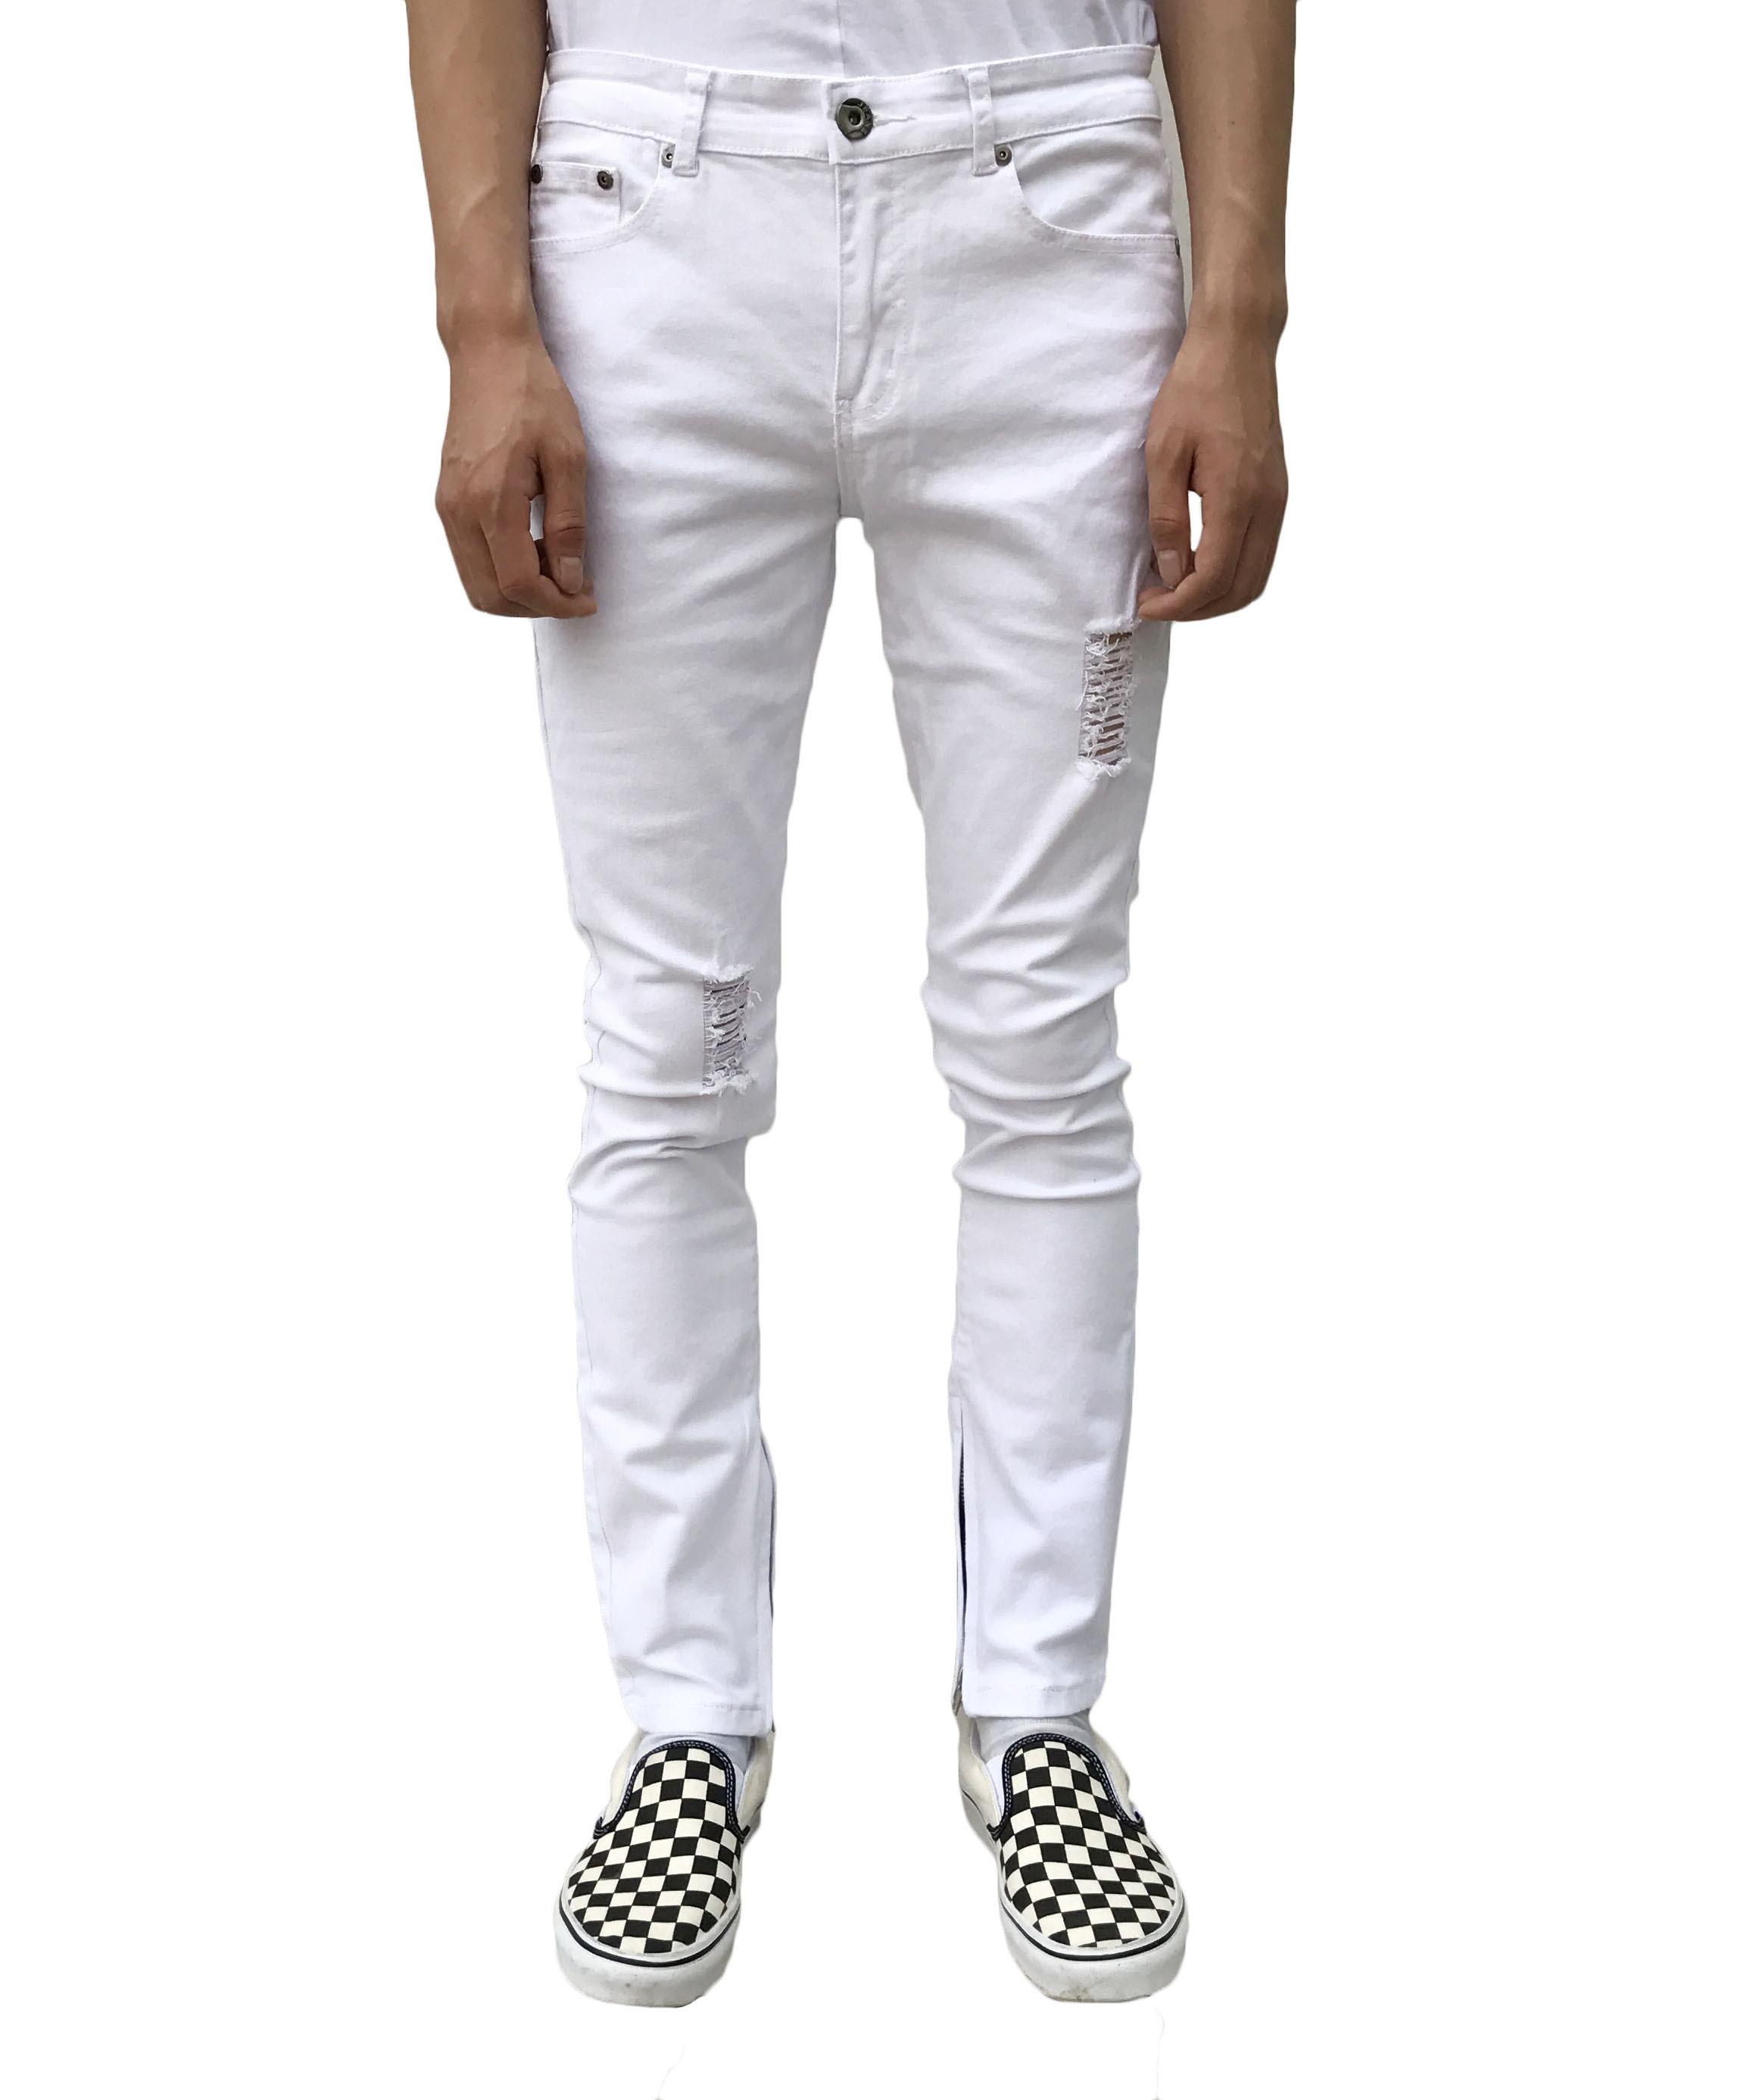 Basic Jeans - White